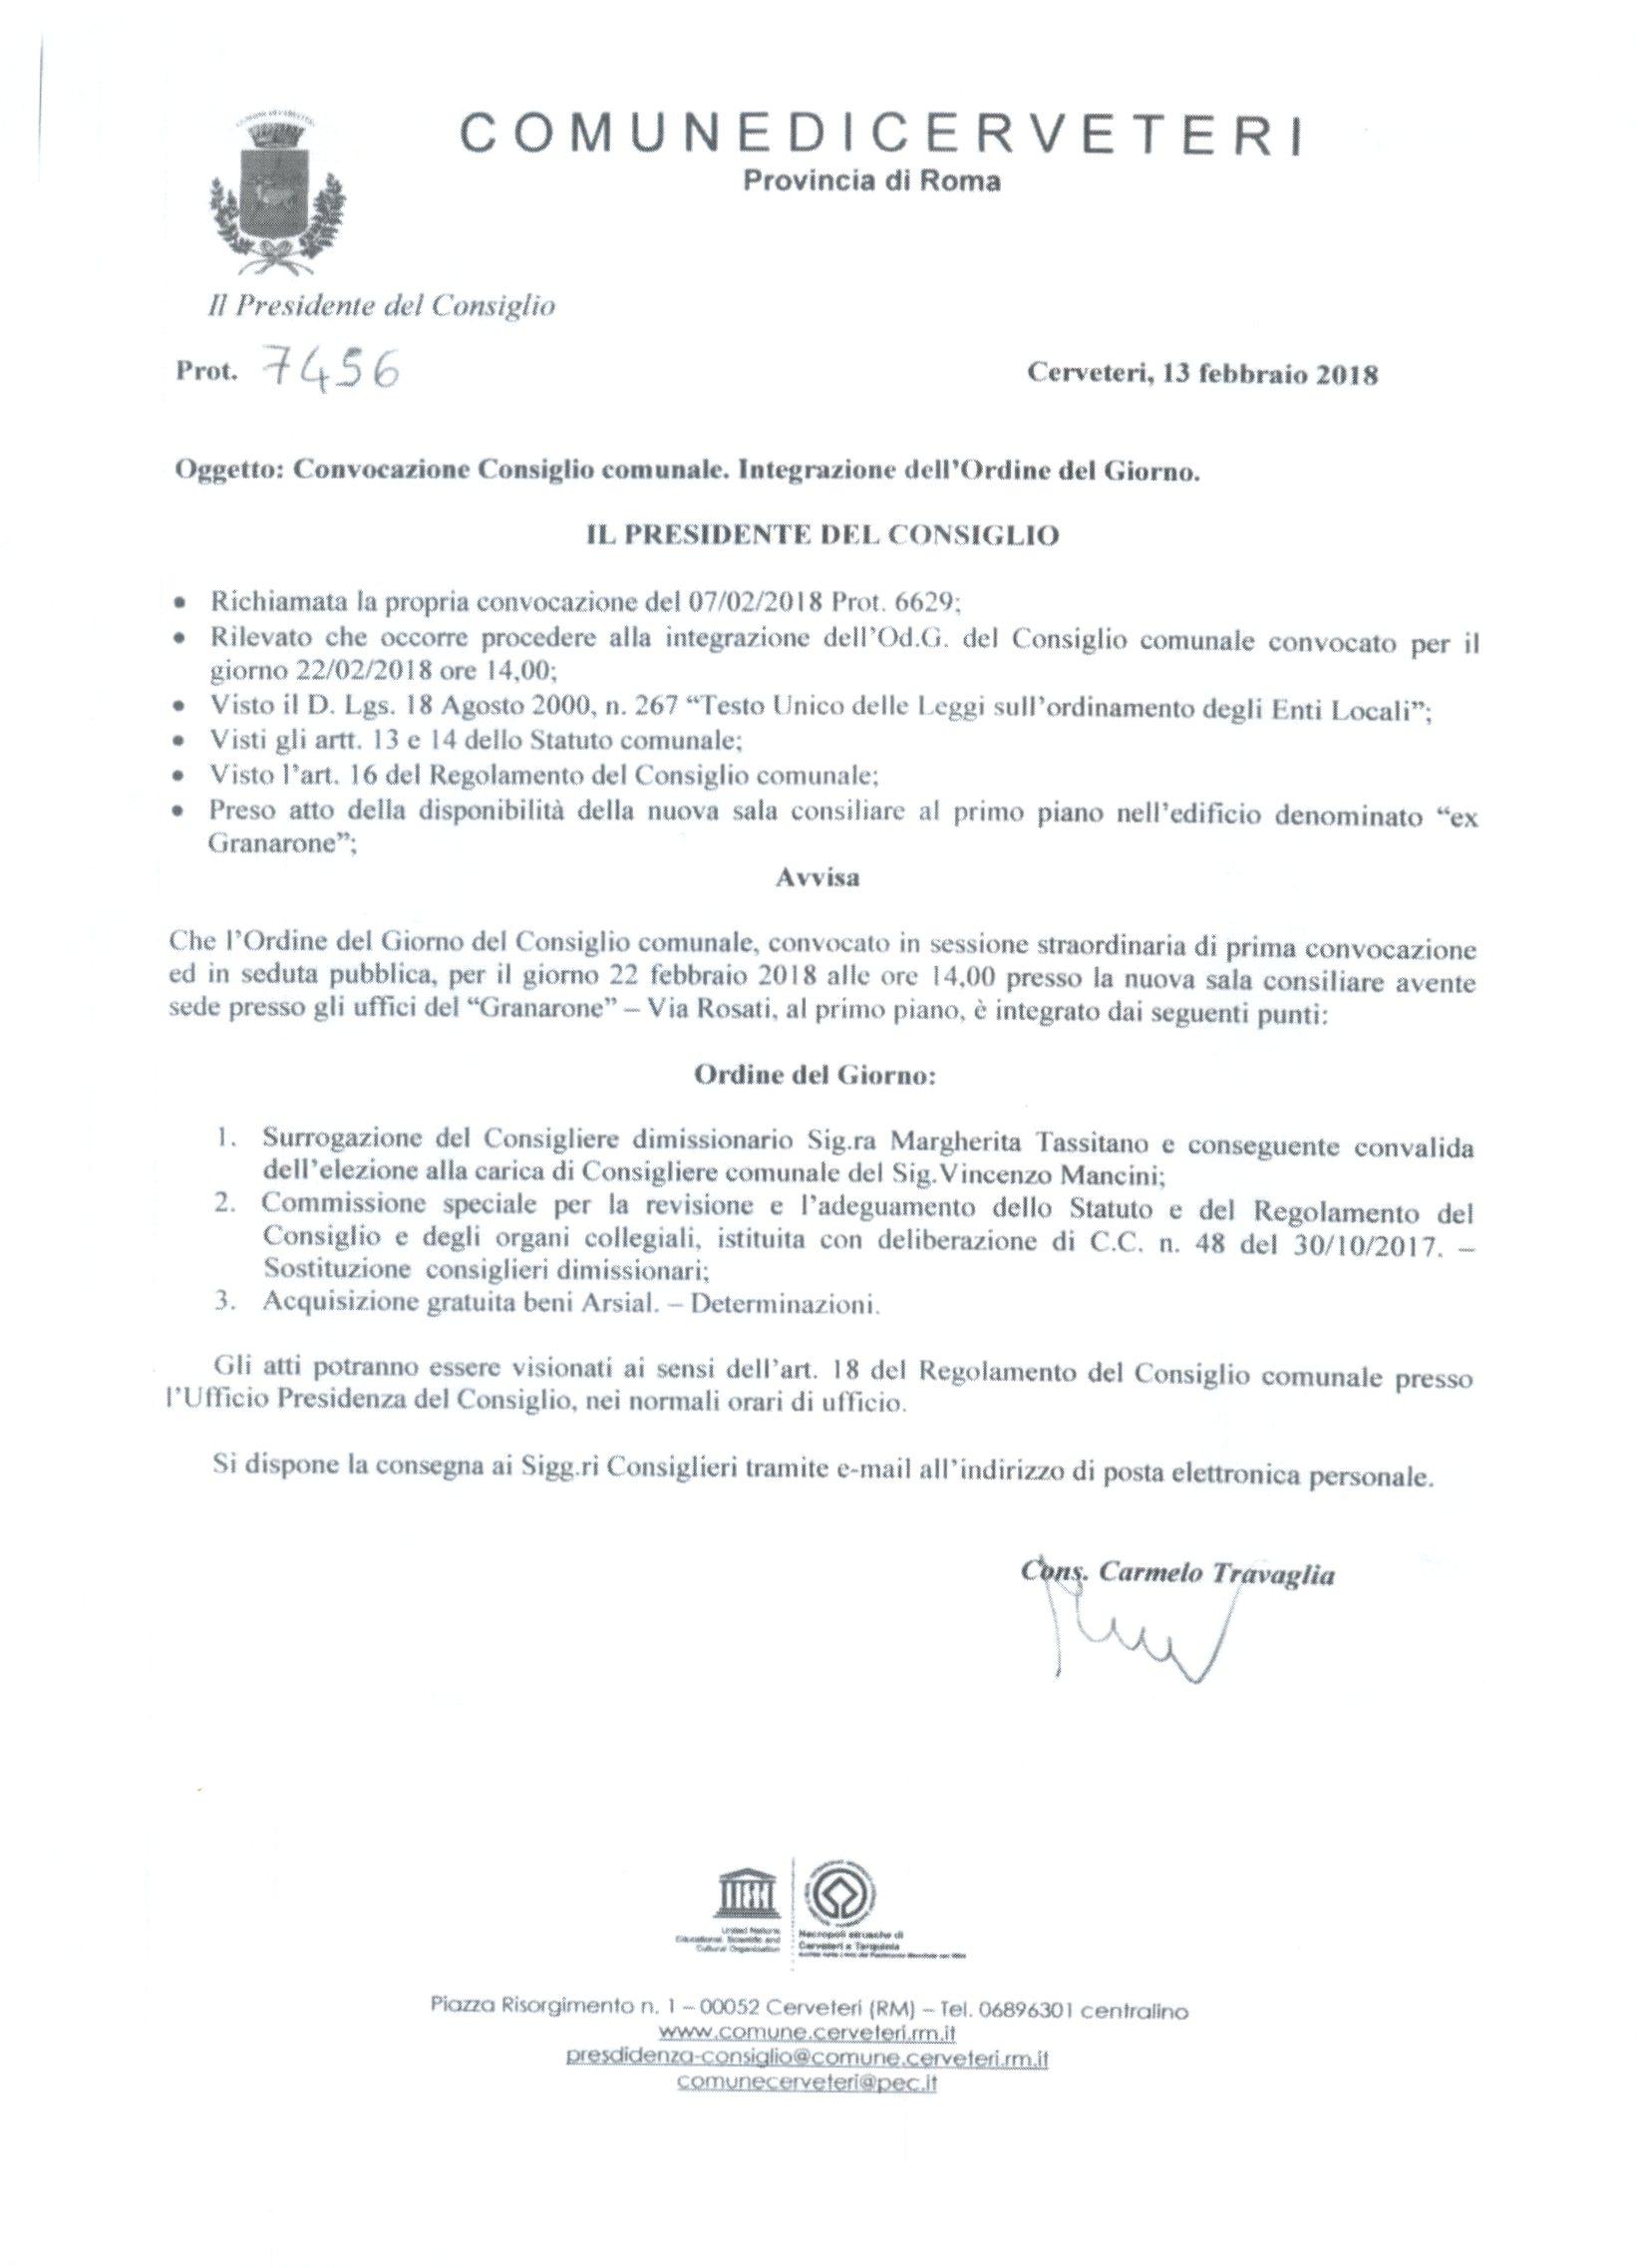 Convocazione Consiglio Comunale del 22/02/2018 - Integrazione Ordine del Giorno